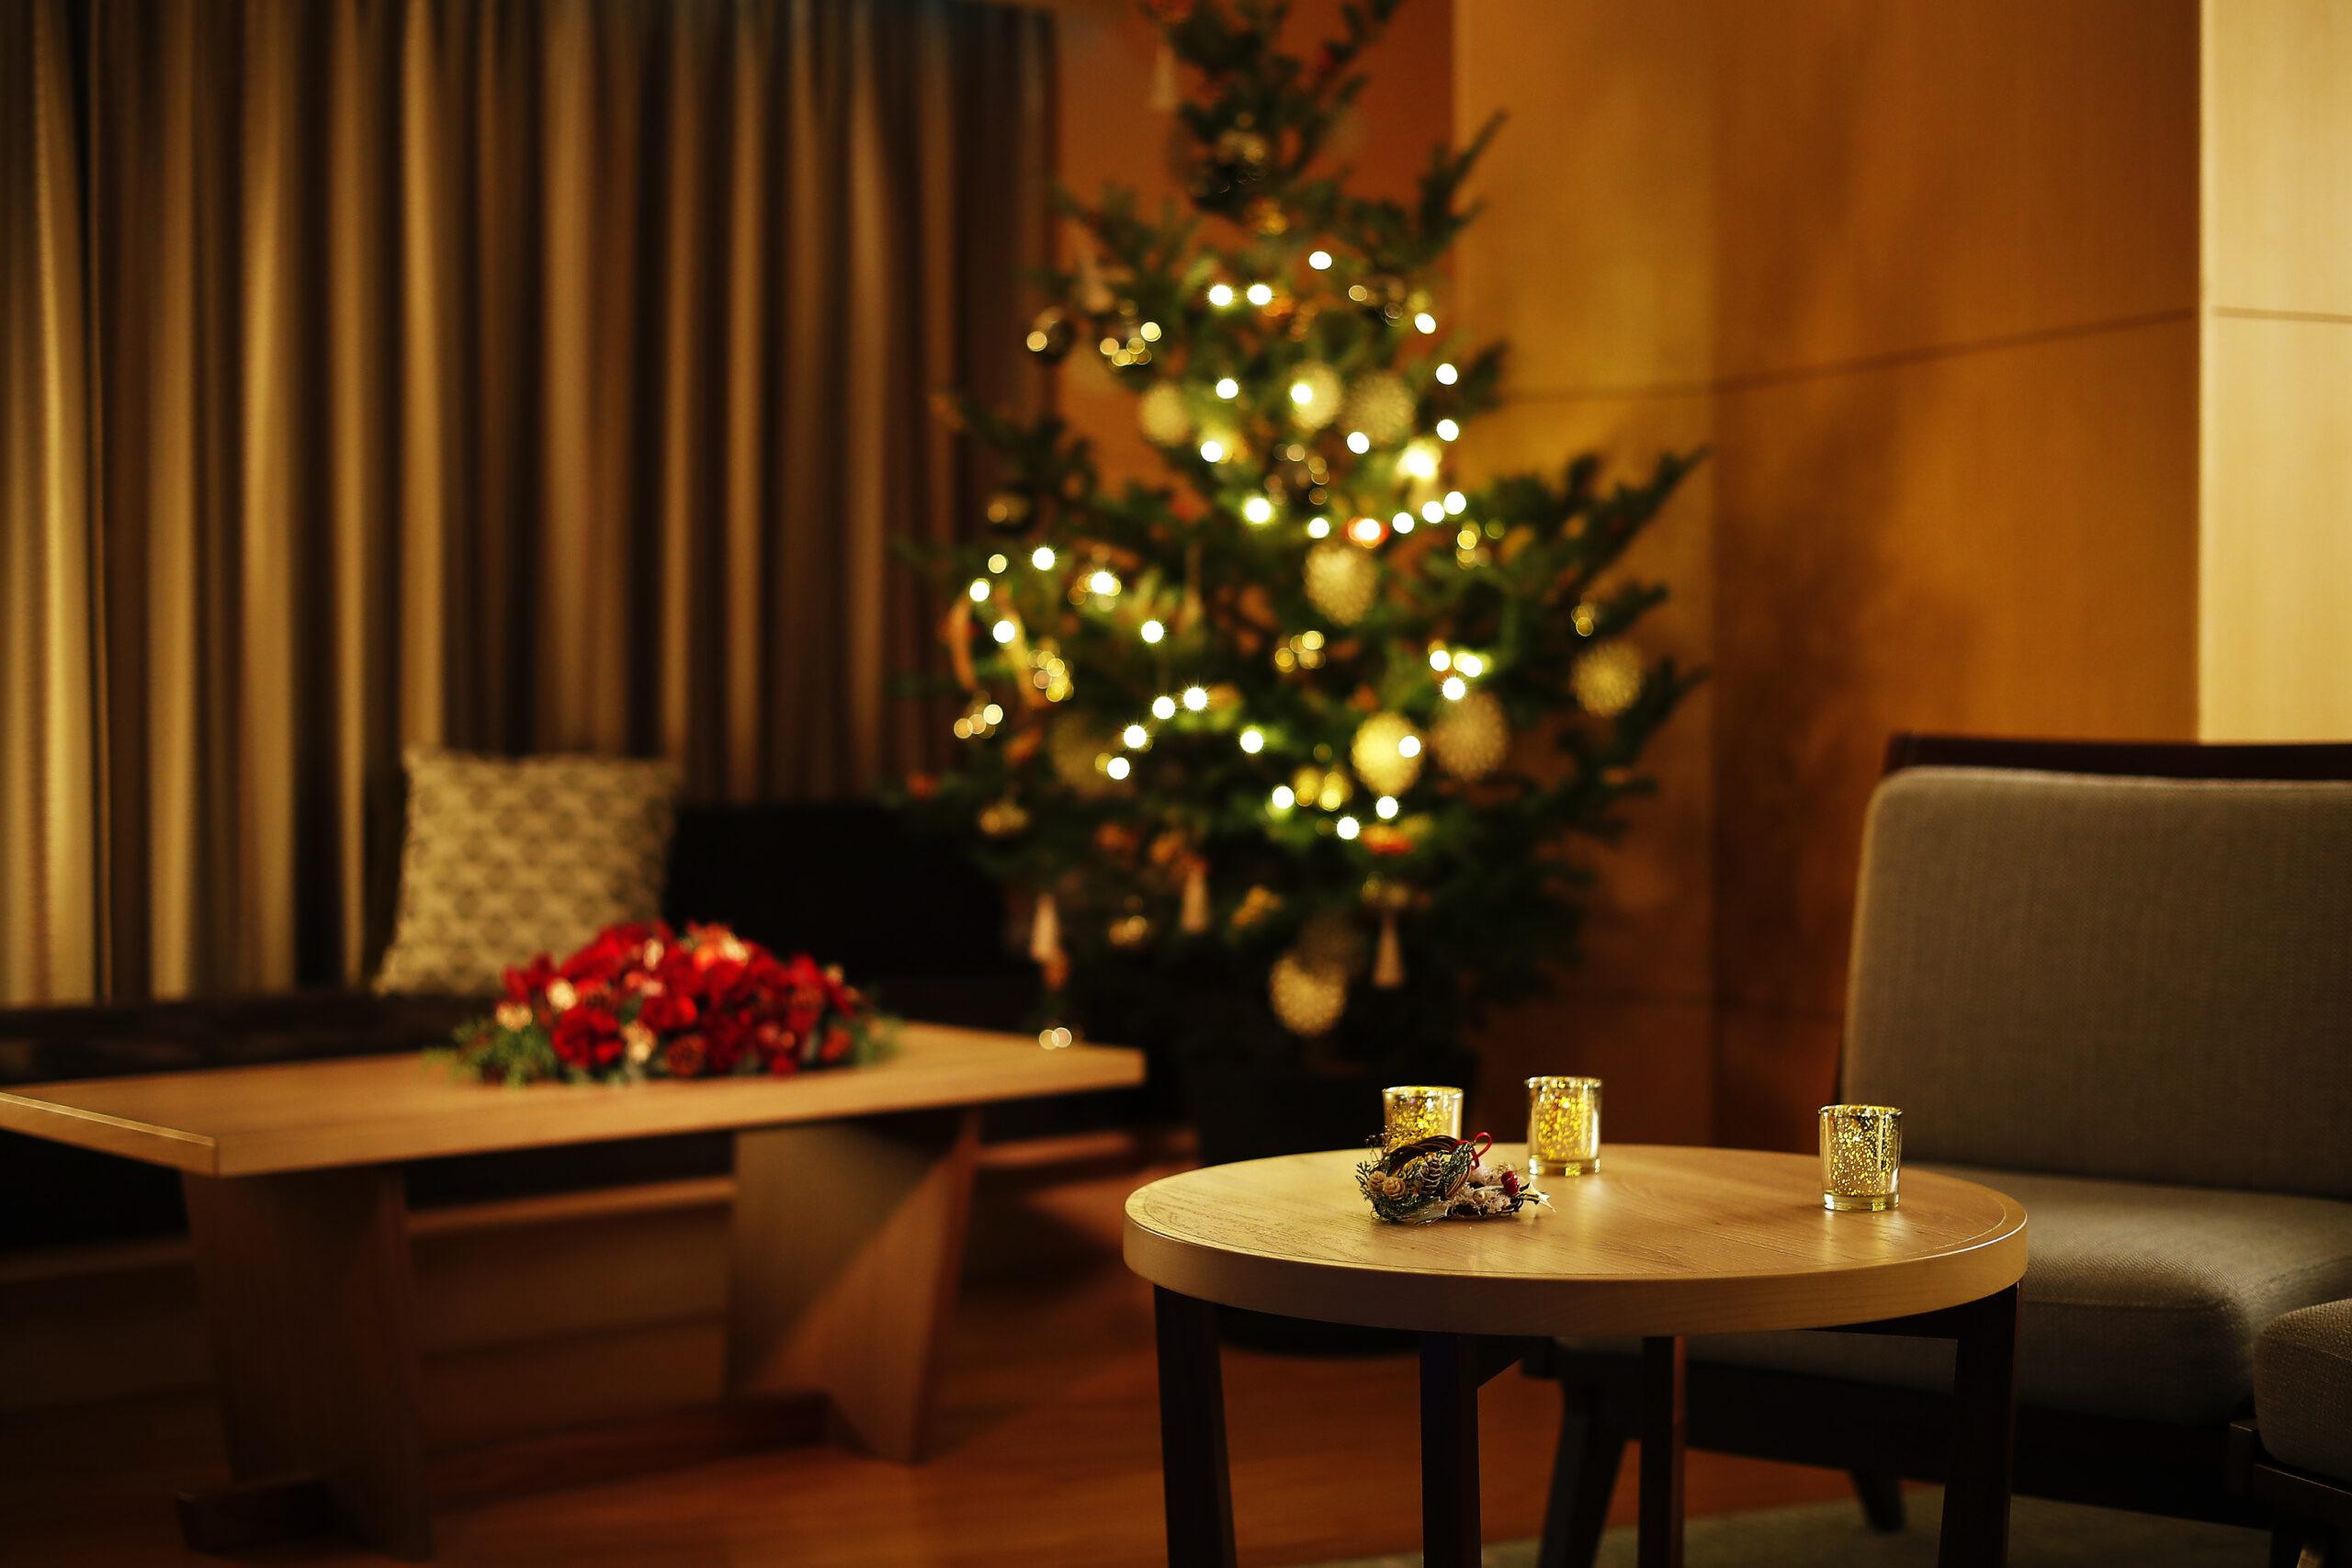 ホテル雅叙園東京 2021年クリスマス限定メニューを紹介